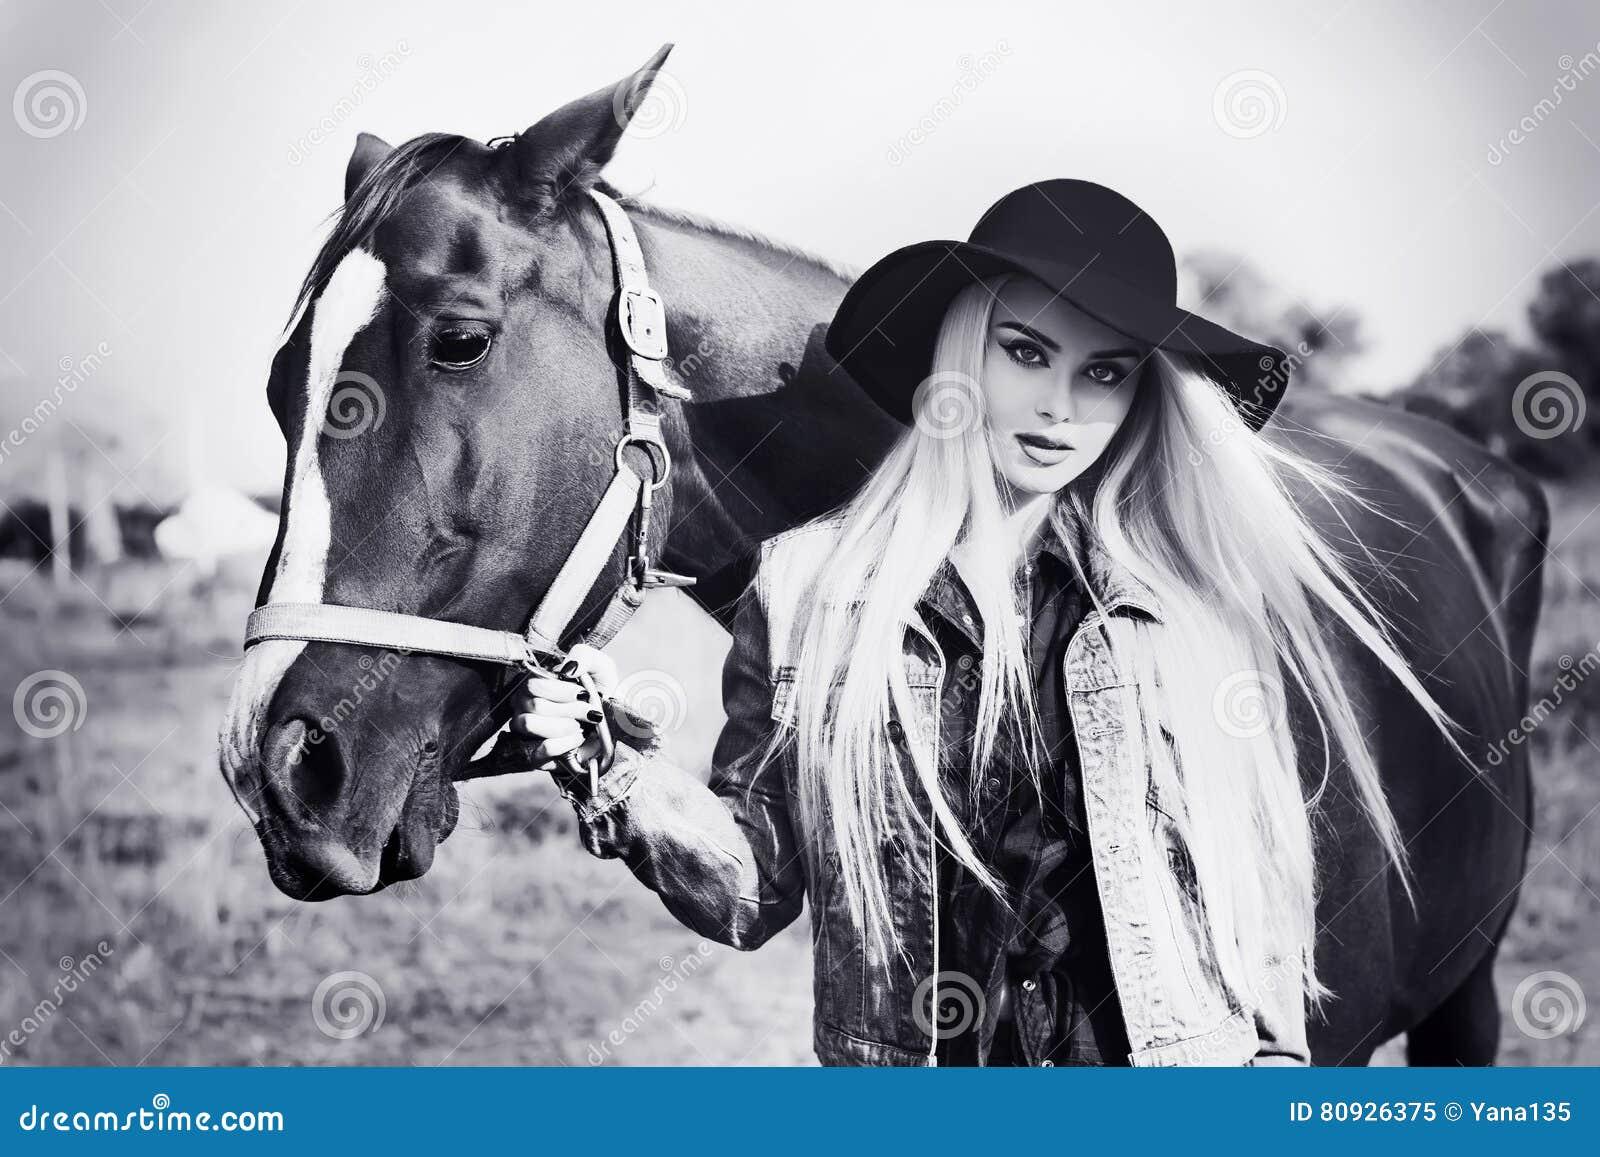 Weinleseschwarzweiss-Porträt eines jungen schönen kaukasischen Mädchens, das ein Pferd hält